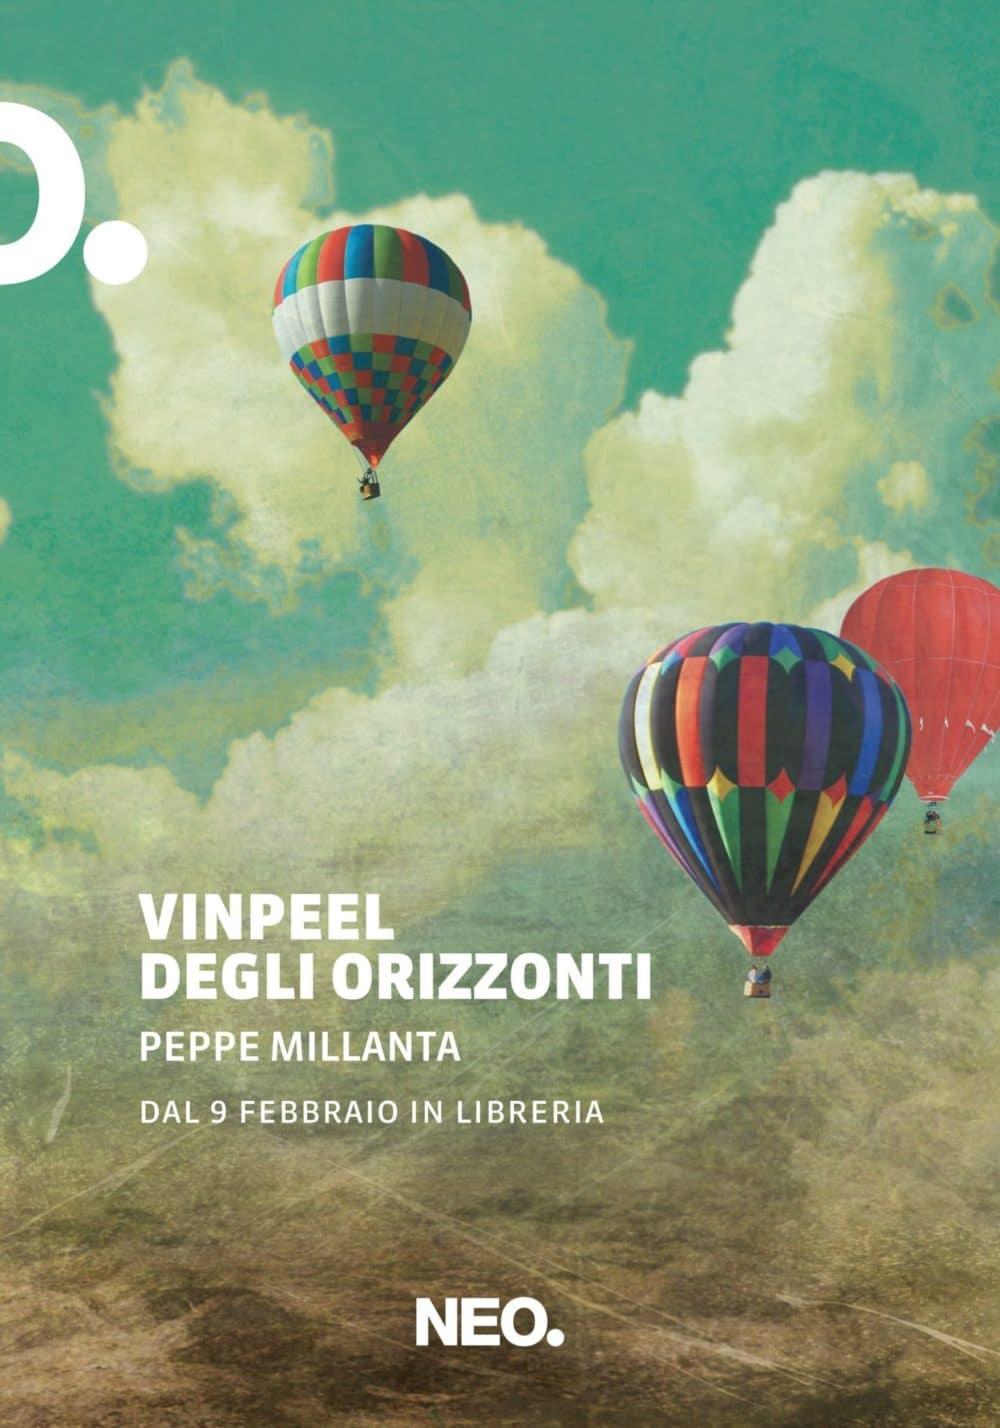 Recensione di Vinpeel Degli Orizzonti – Peppe Millanta